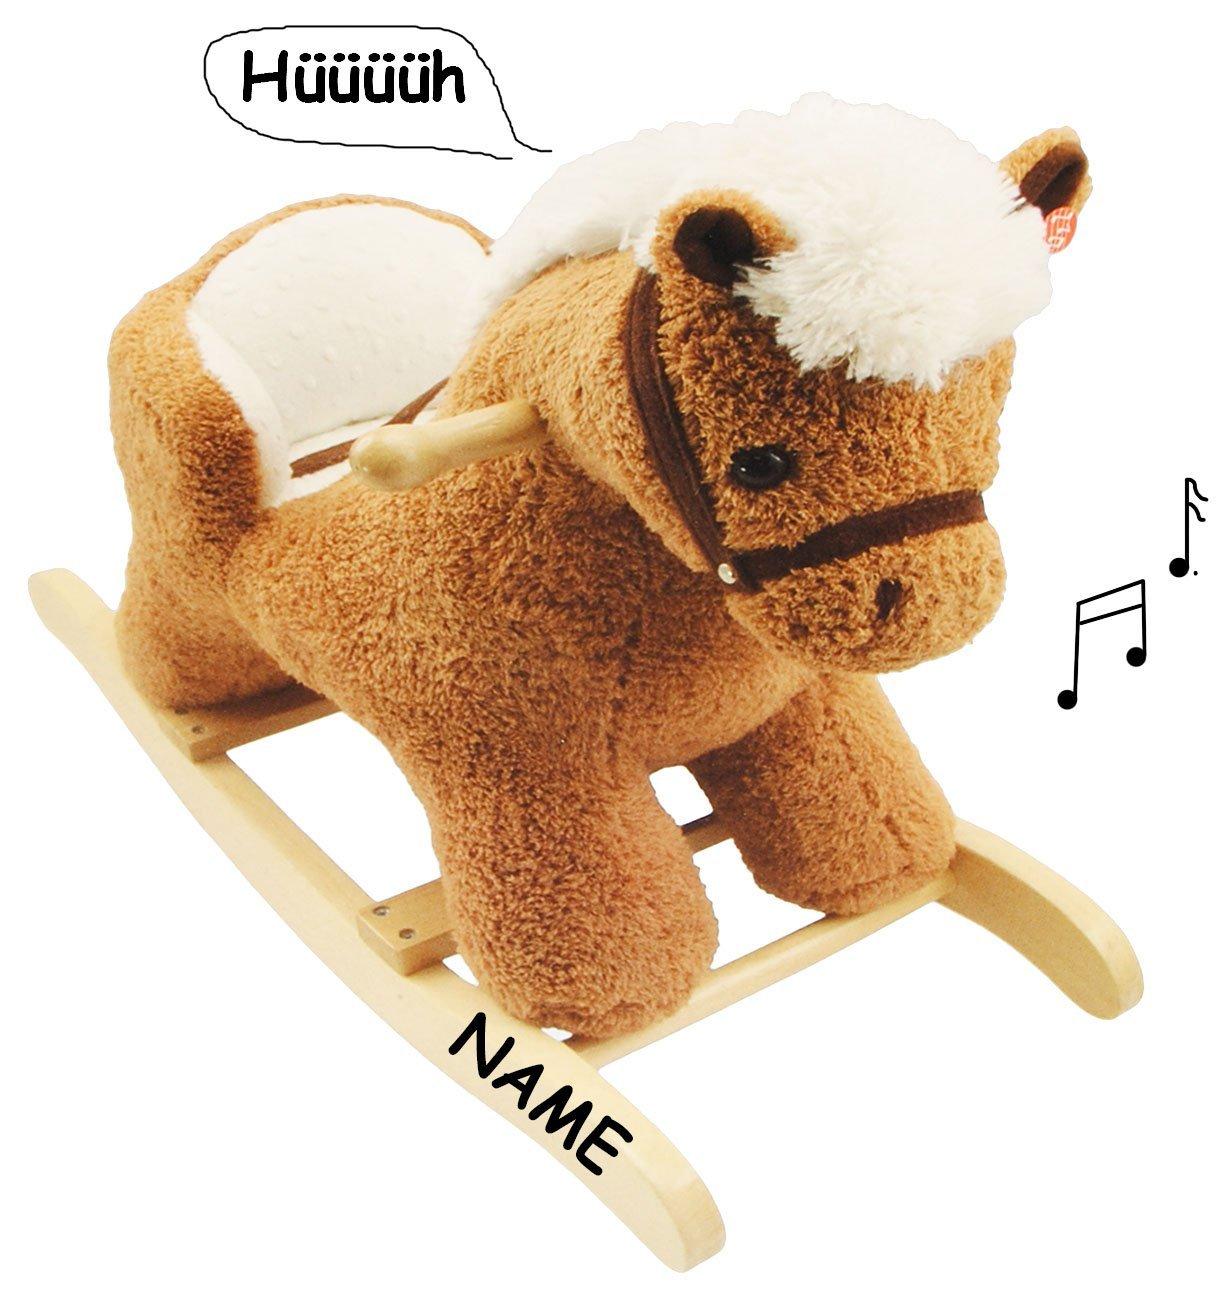 XL Plüsch und Holz Schaukelpferd - mit Sound / Melody / Musik incl. Namen - mit Einstieghilfe und Sicherheitsgurt - Schaukeltier mit Plüschbezug / Kind Schaukel Esel Pony Plüschschaukel für Kinder Mädchen Jungen